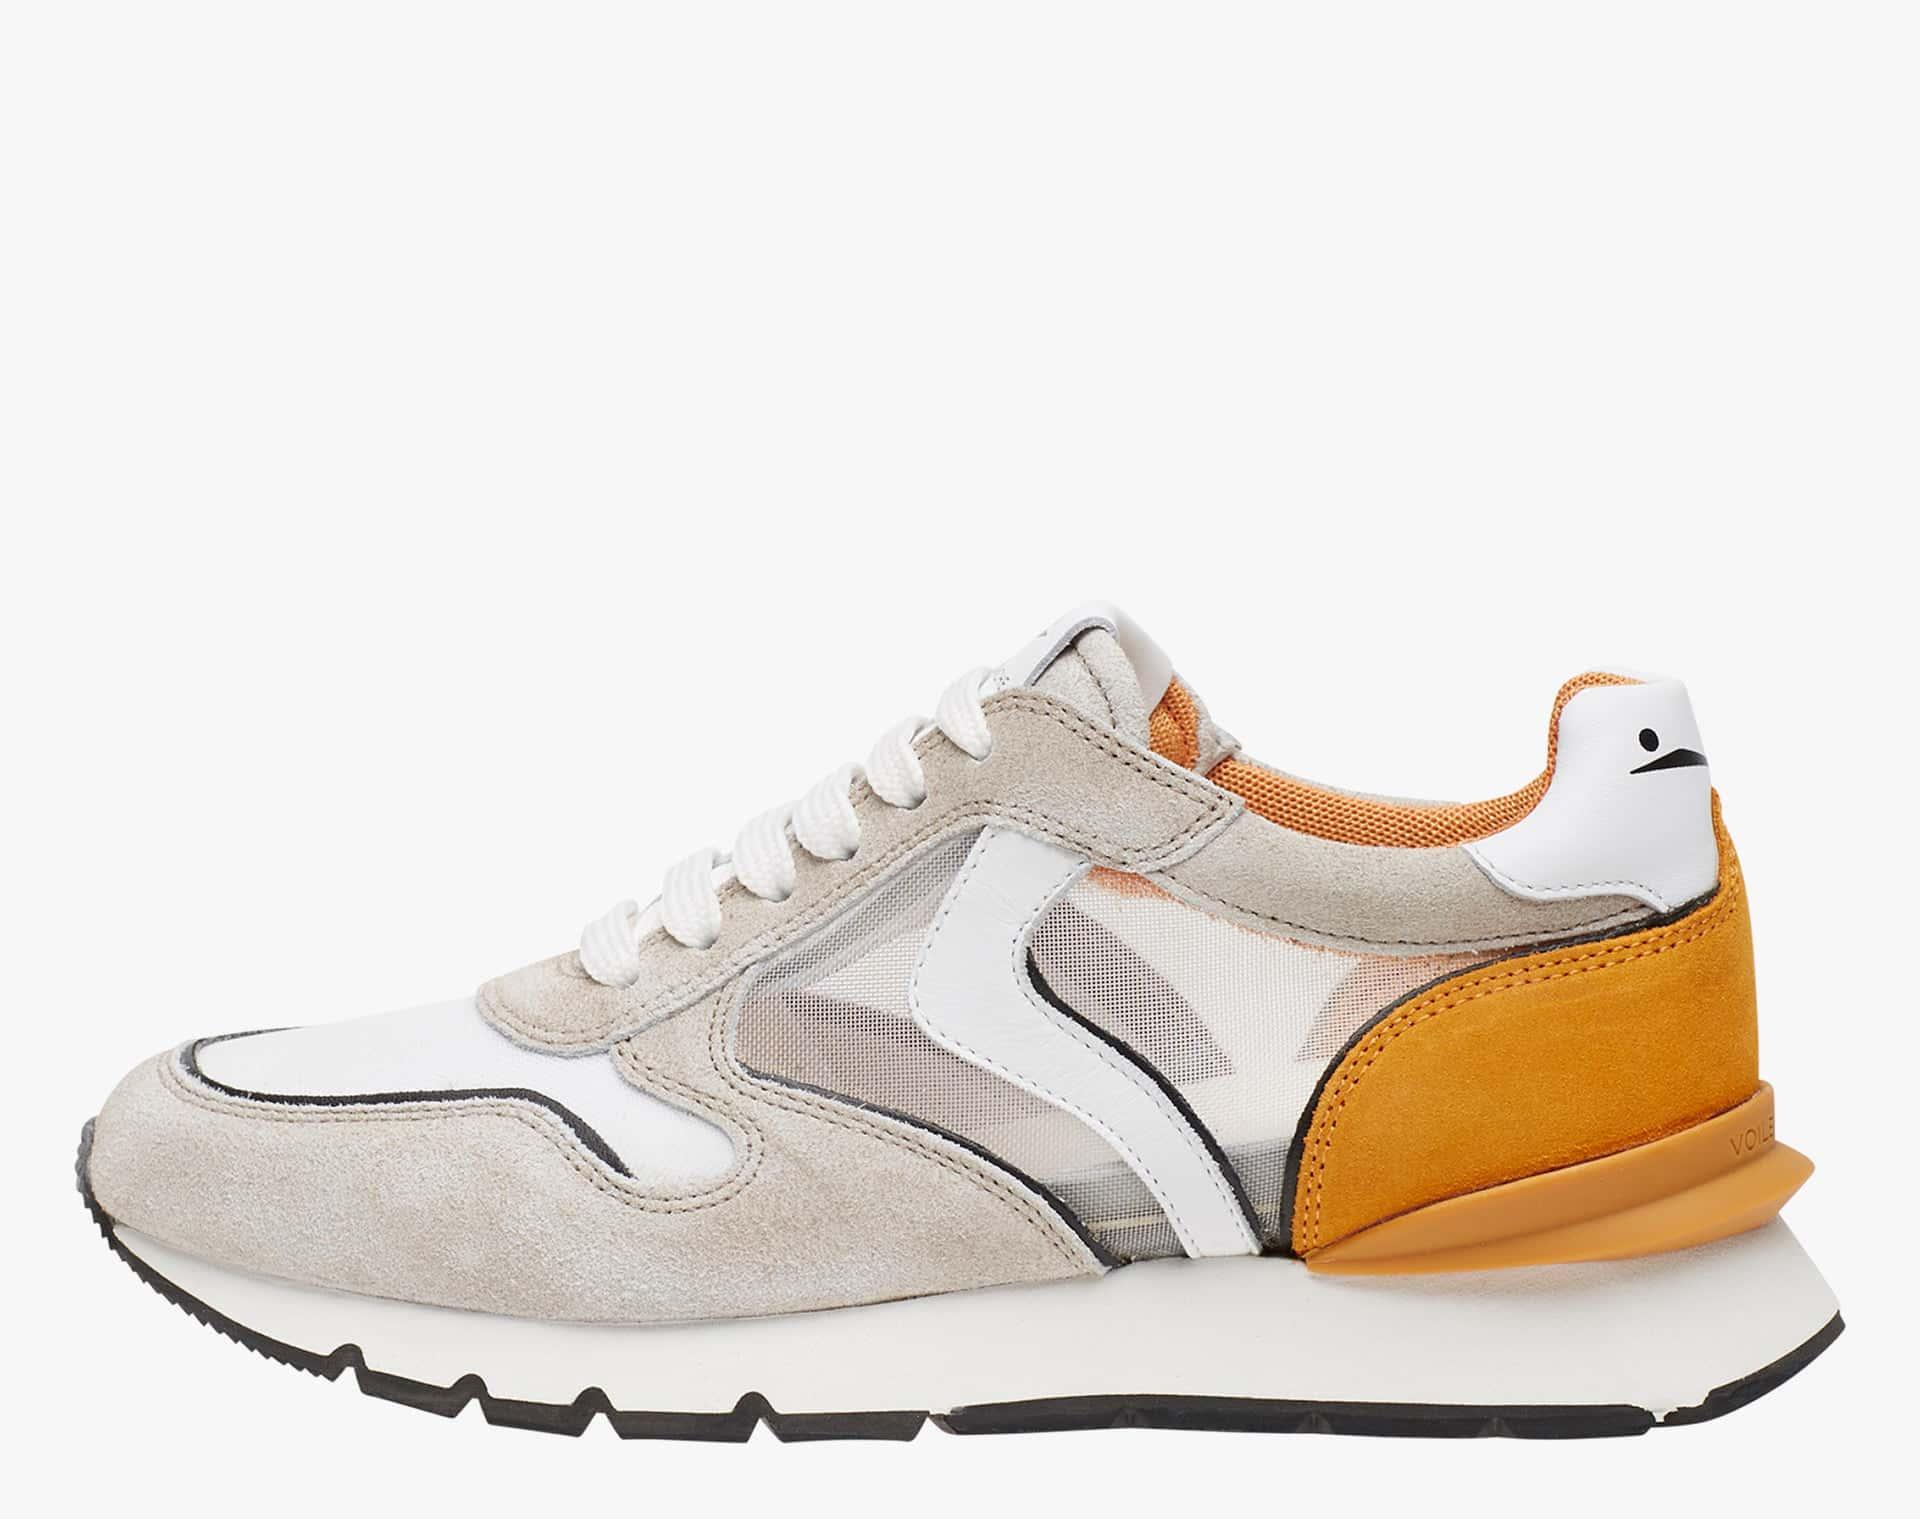 JULIA RACE MESH - Sneaker in suede con dettagli in micro rete - Sabbia